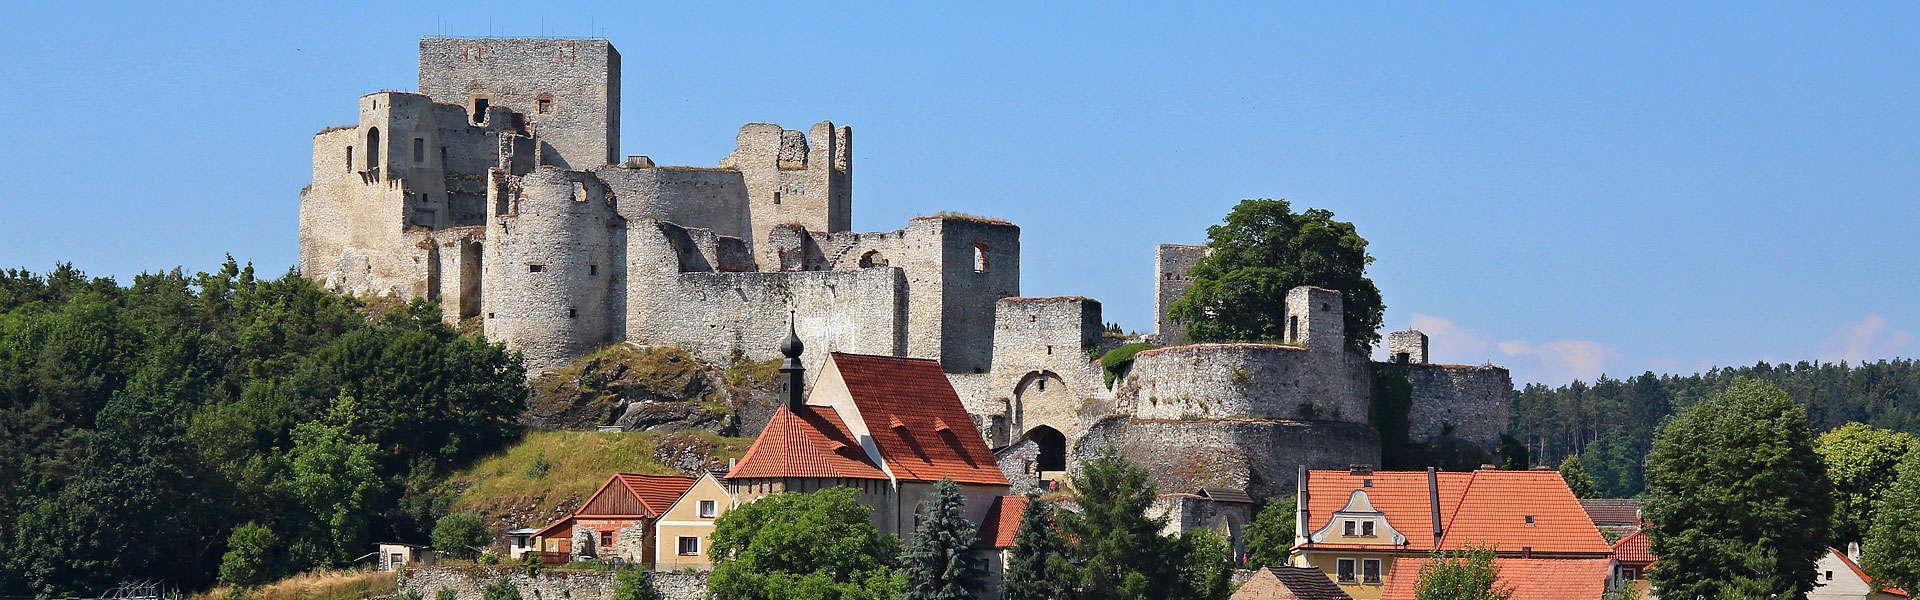 Burg Rabi - Ein kulturelles Highlight! Tschechische Sehenswürdigkeit